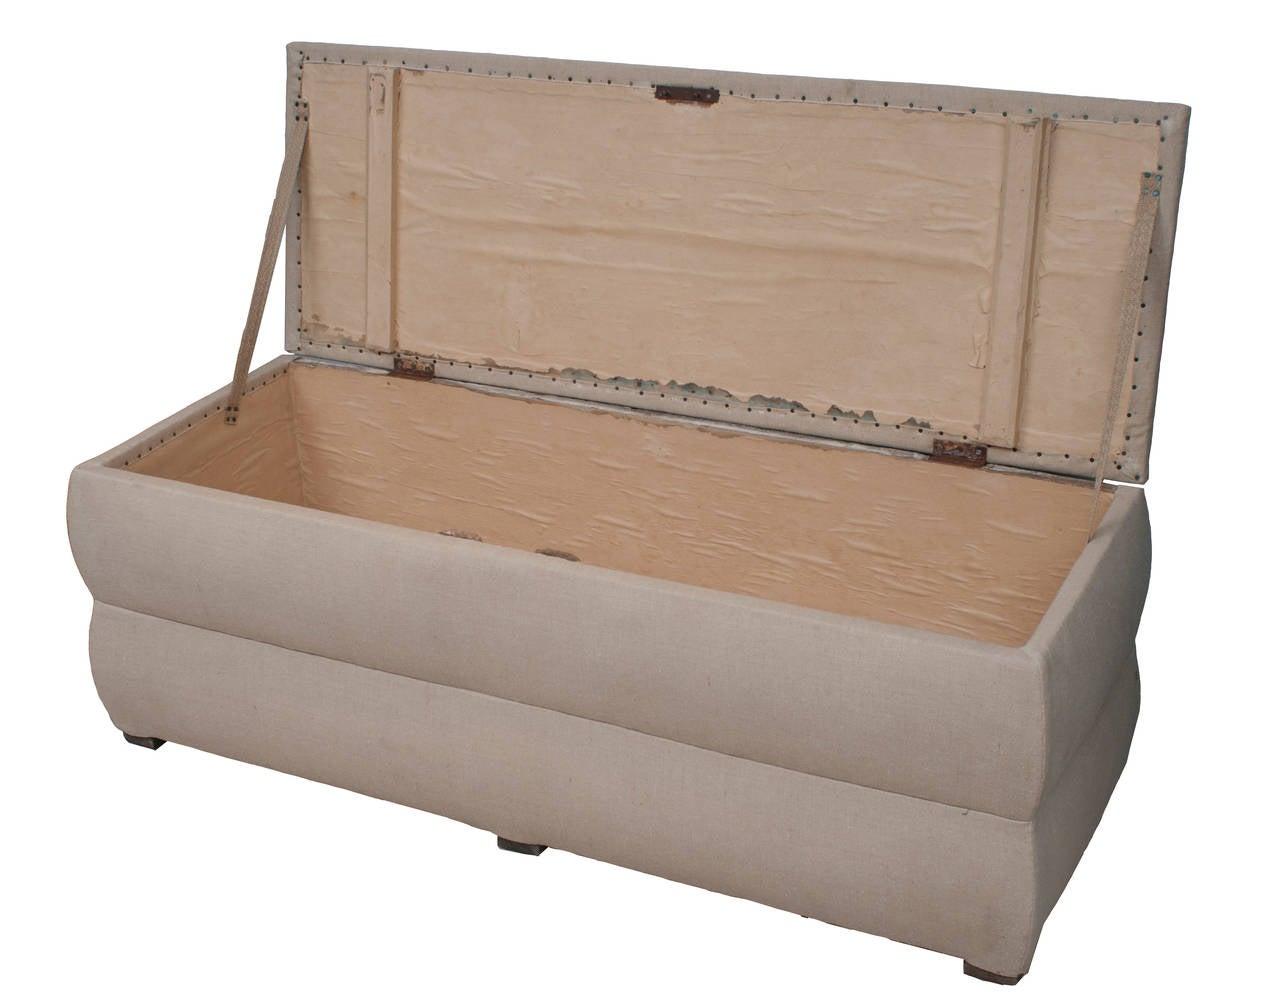 Pair of Italian Trunks Upholstered in Antique White Linen 3